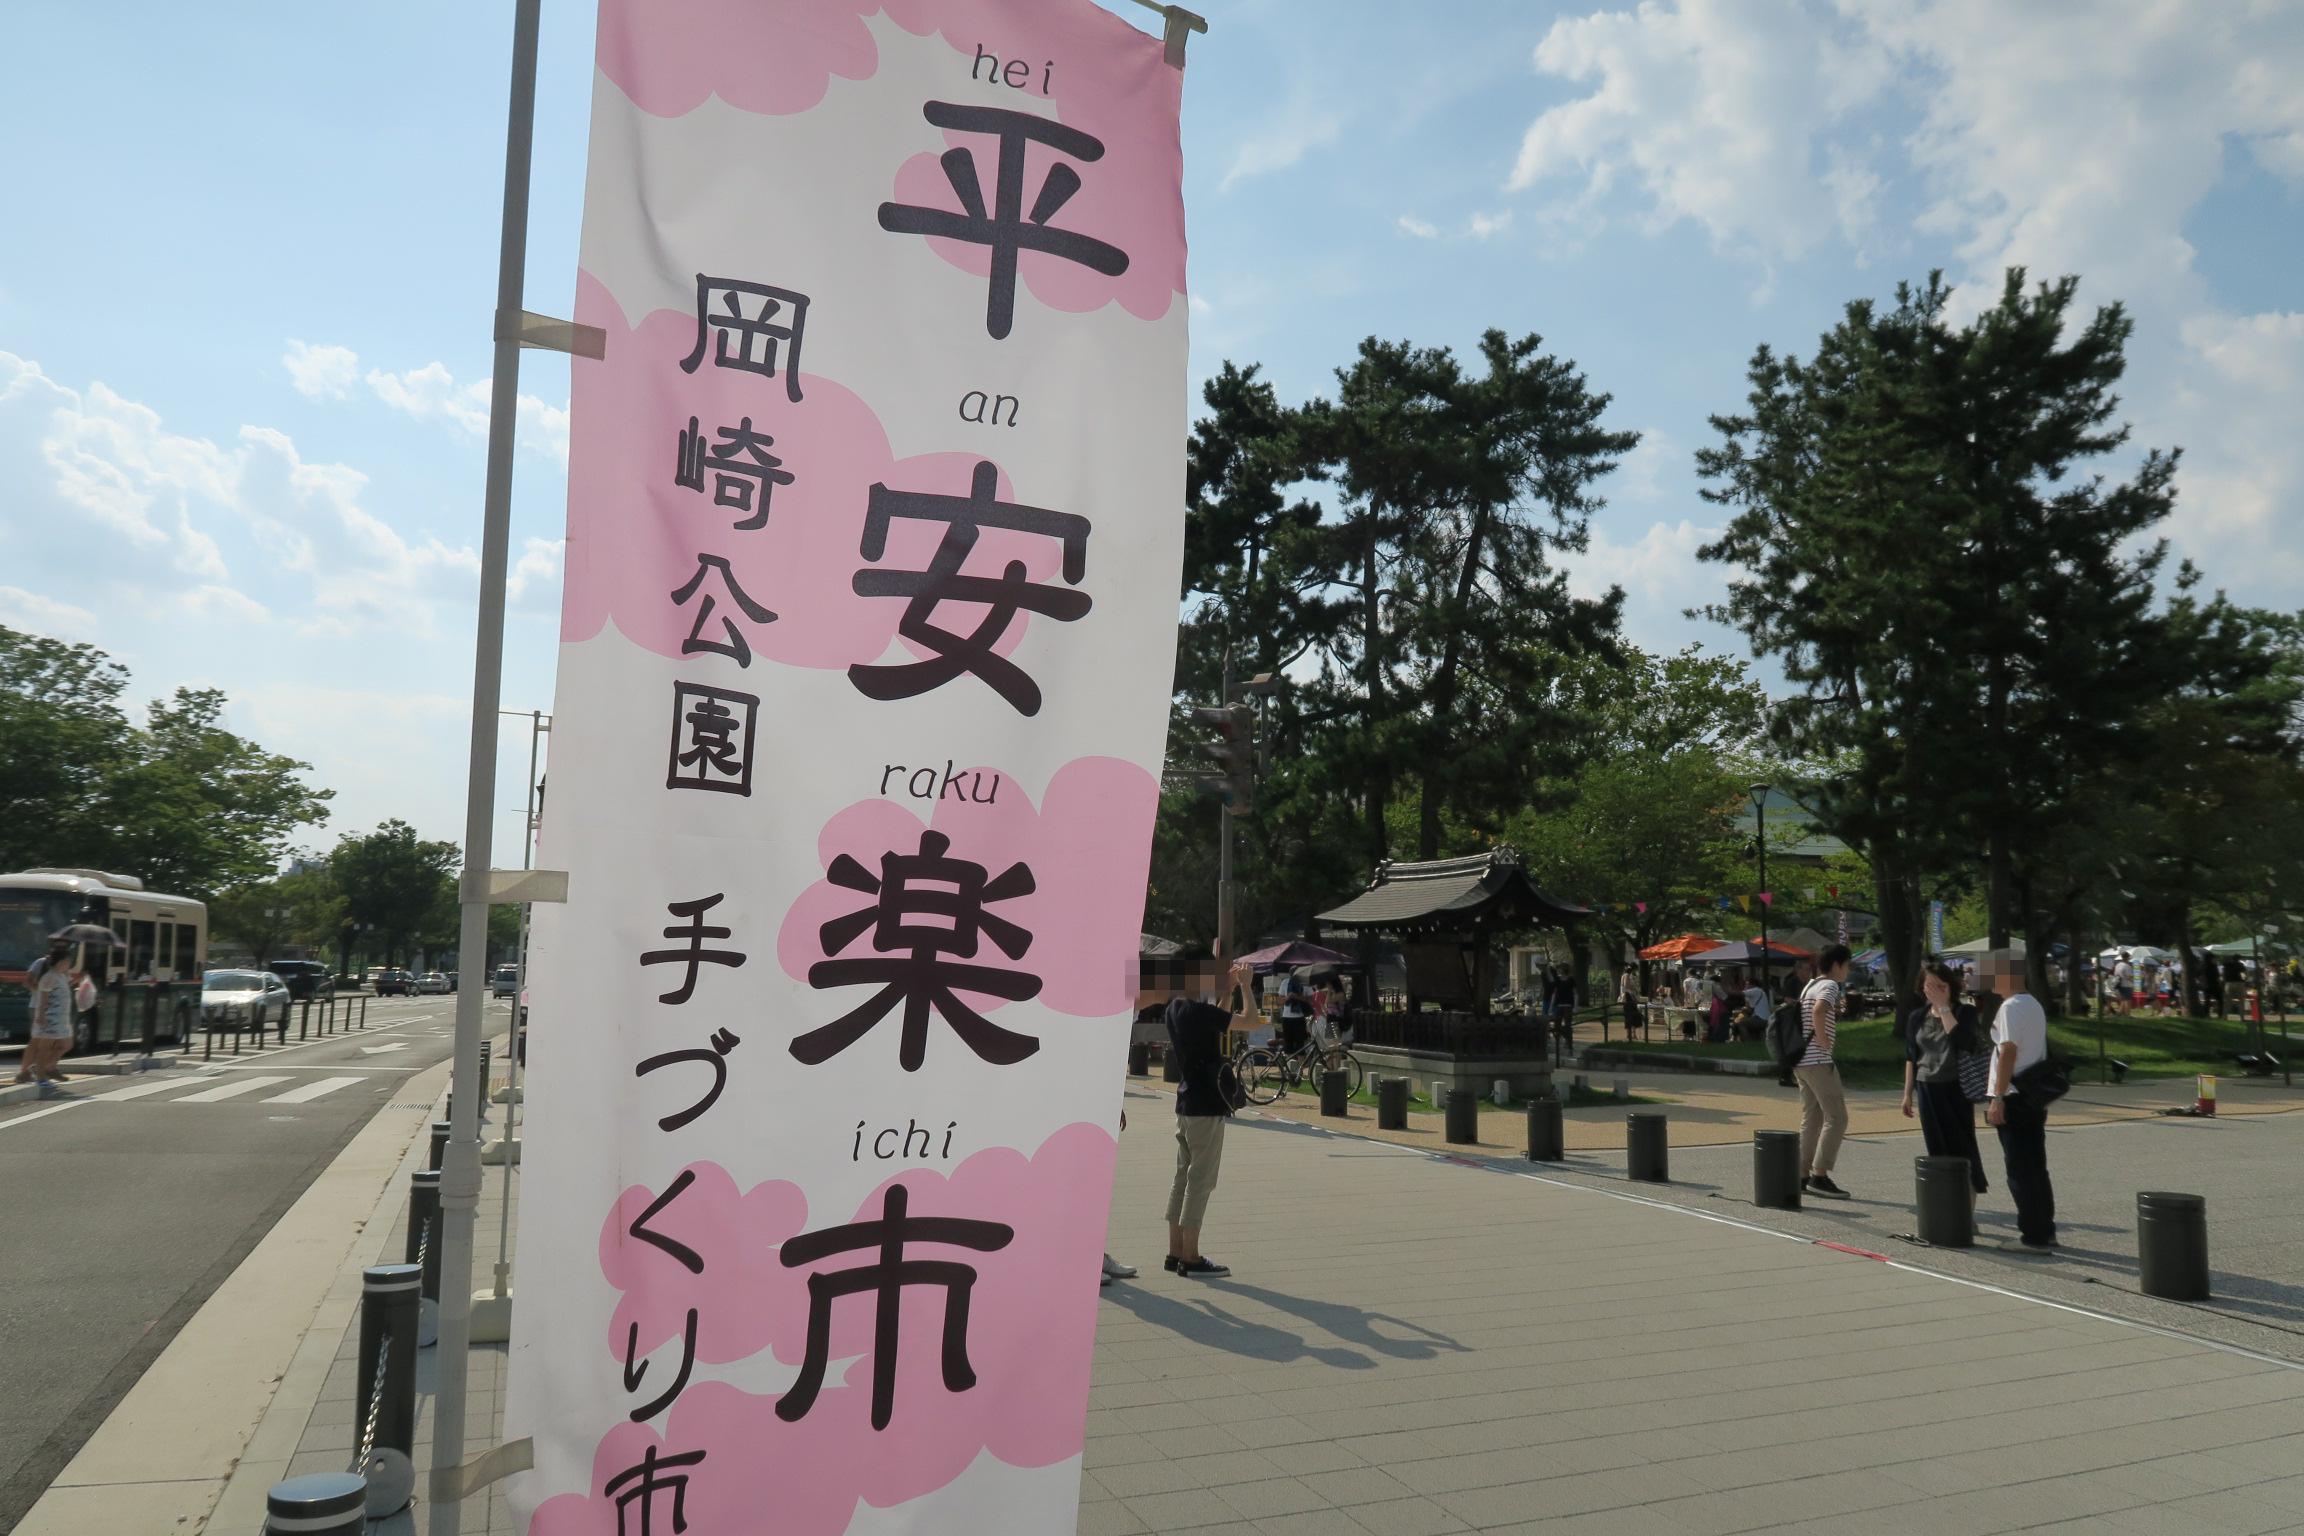 帰りがけに、たまたま近くの岡崎公園でやっていた、手作り市に寄ってみました。